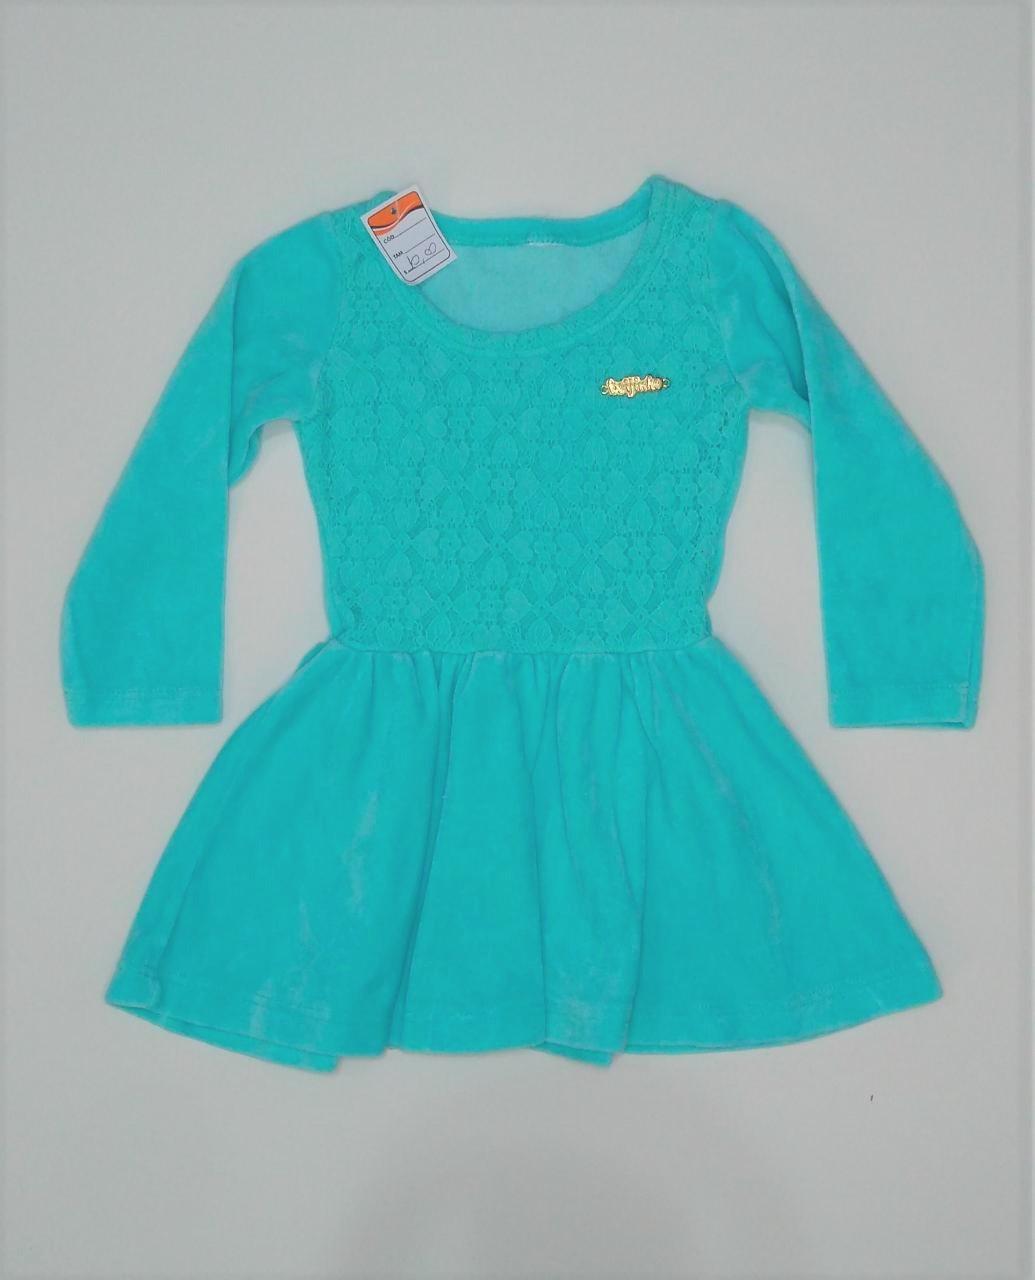 Vestido infantil - tamanho 9 a 12 meses